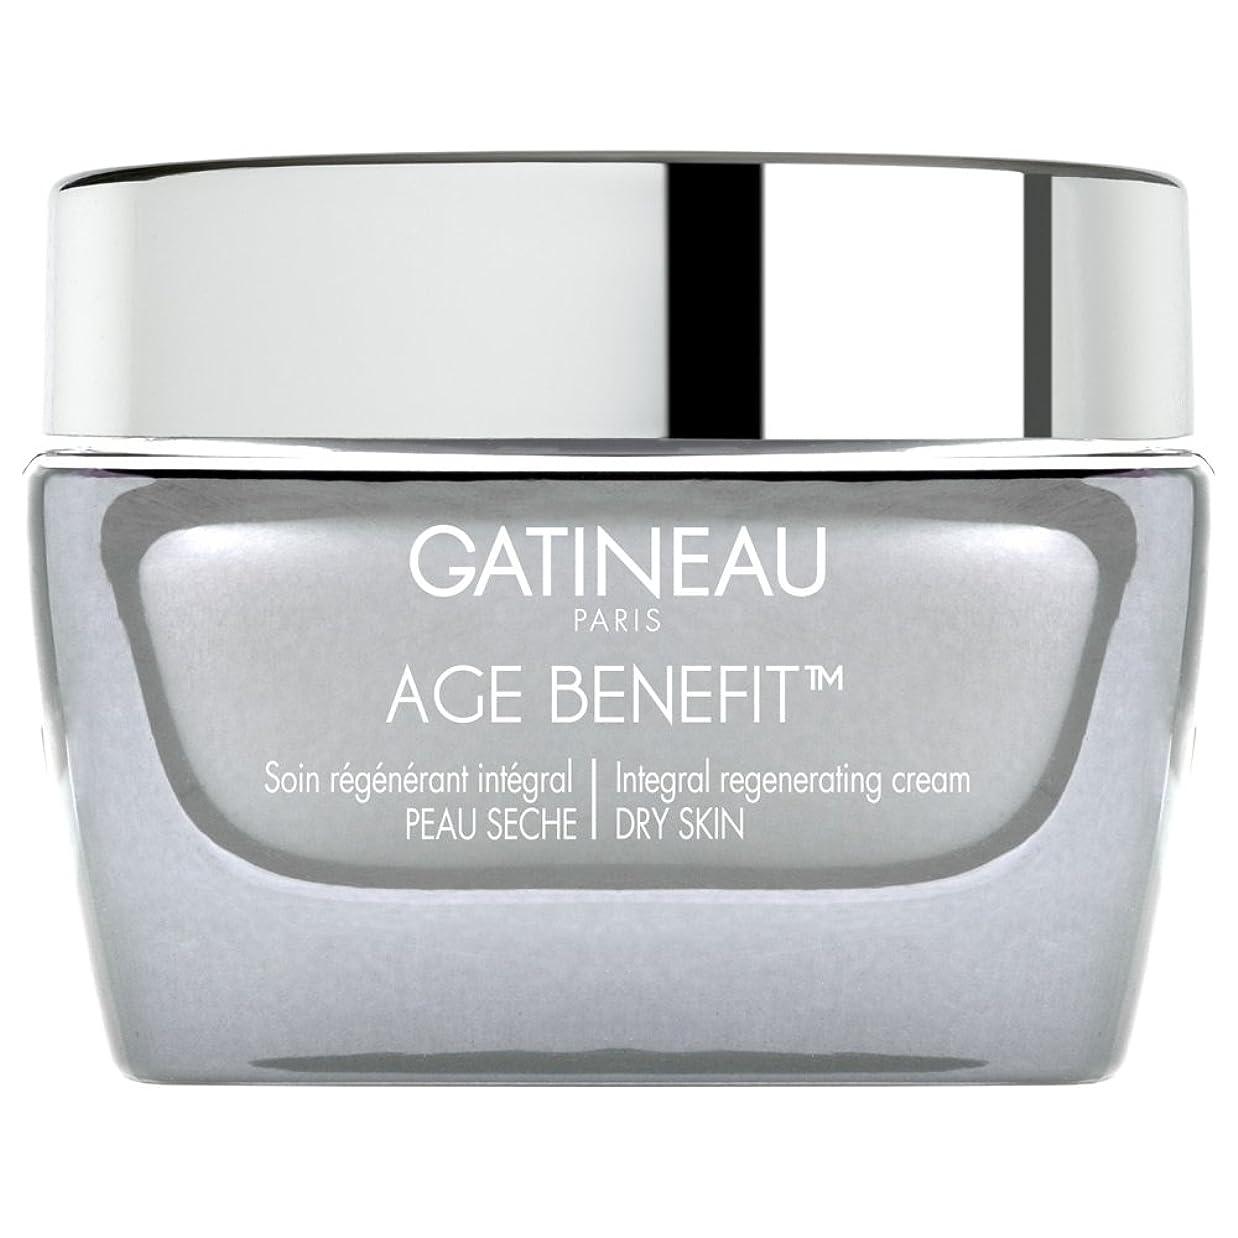 イヤホンキャプチャー処理ガティノー年齢給付再生ドライスキンクリーム、50ミリリットル (Gatineau) - Gatineau Age Benefit Regenerating Dry Skin Cream, 50ml [並行輸入品]